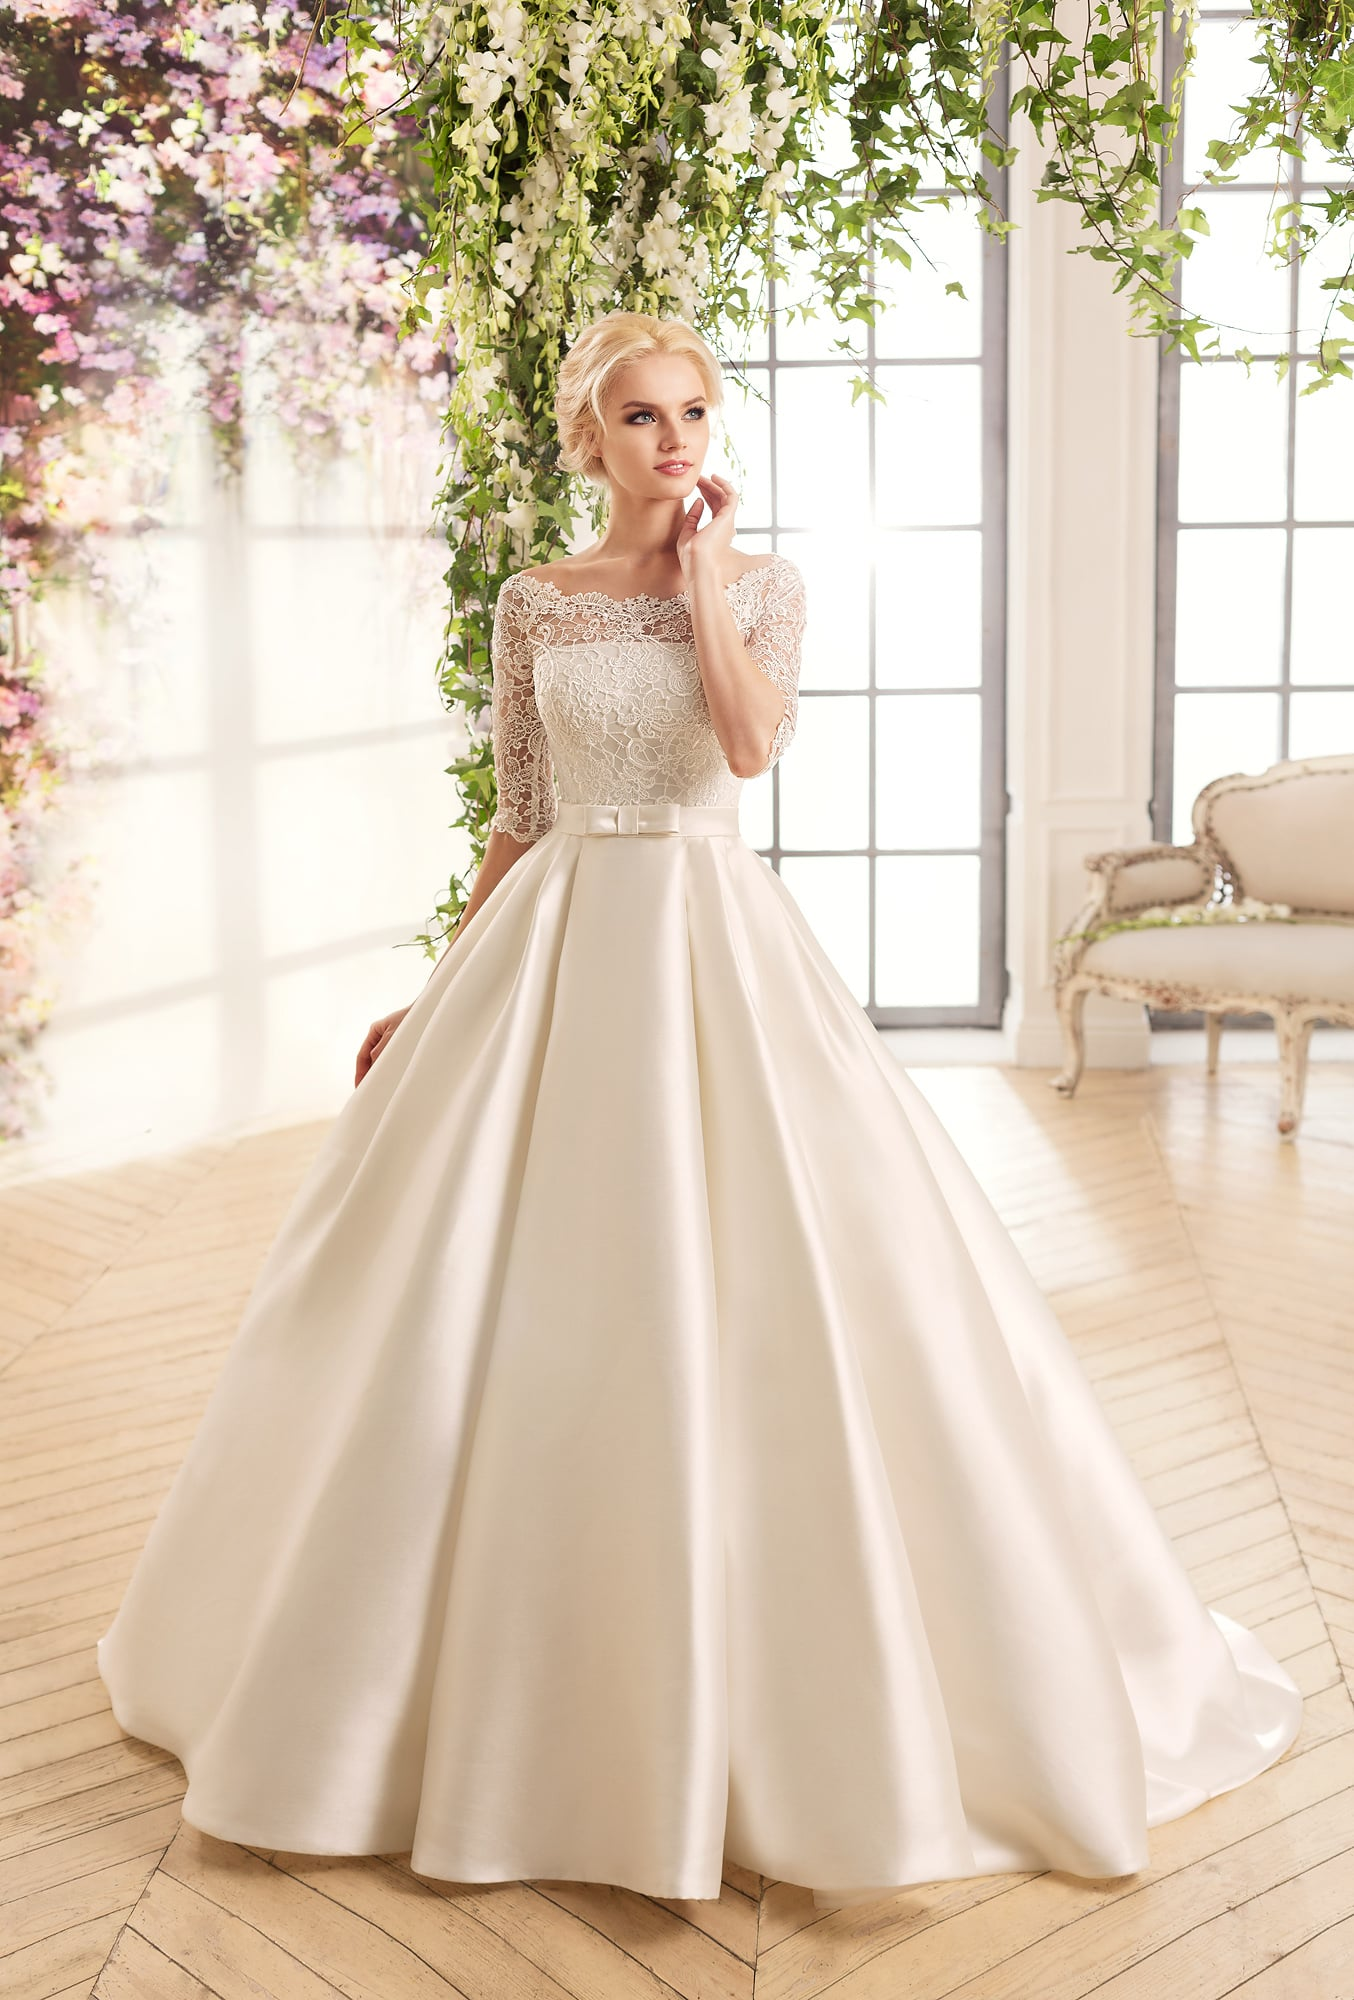 b9fdfdd347b Свадебное платье Naviblue Bridal 15013 ▷ Свадебный Торговый Центр ...